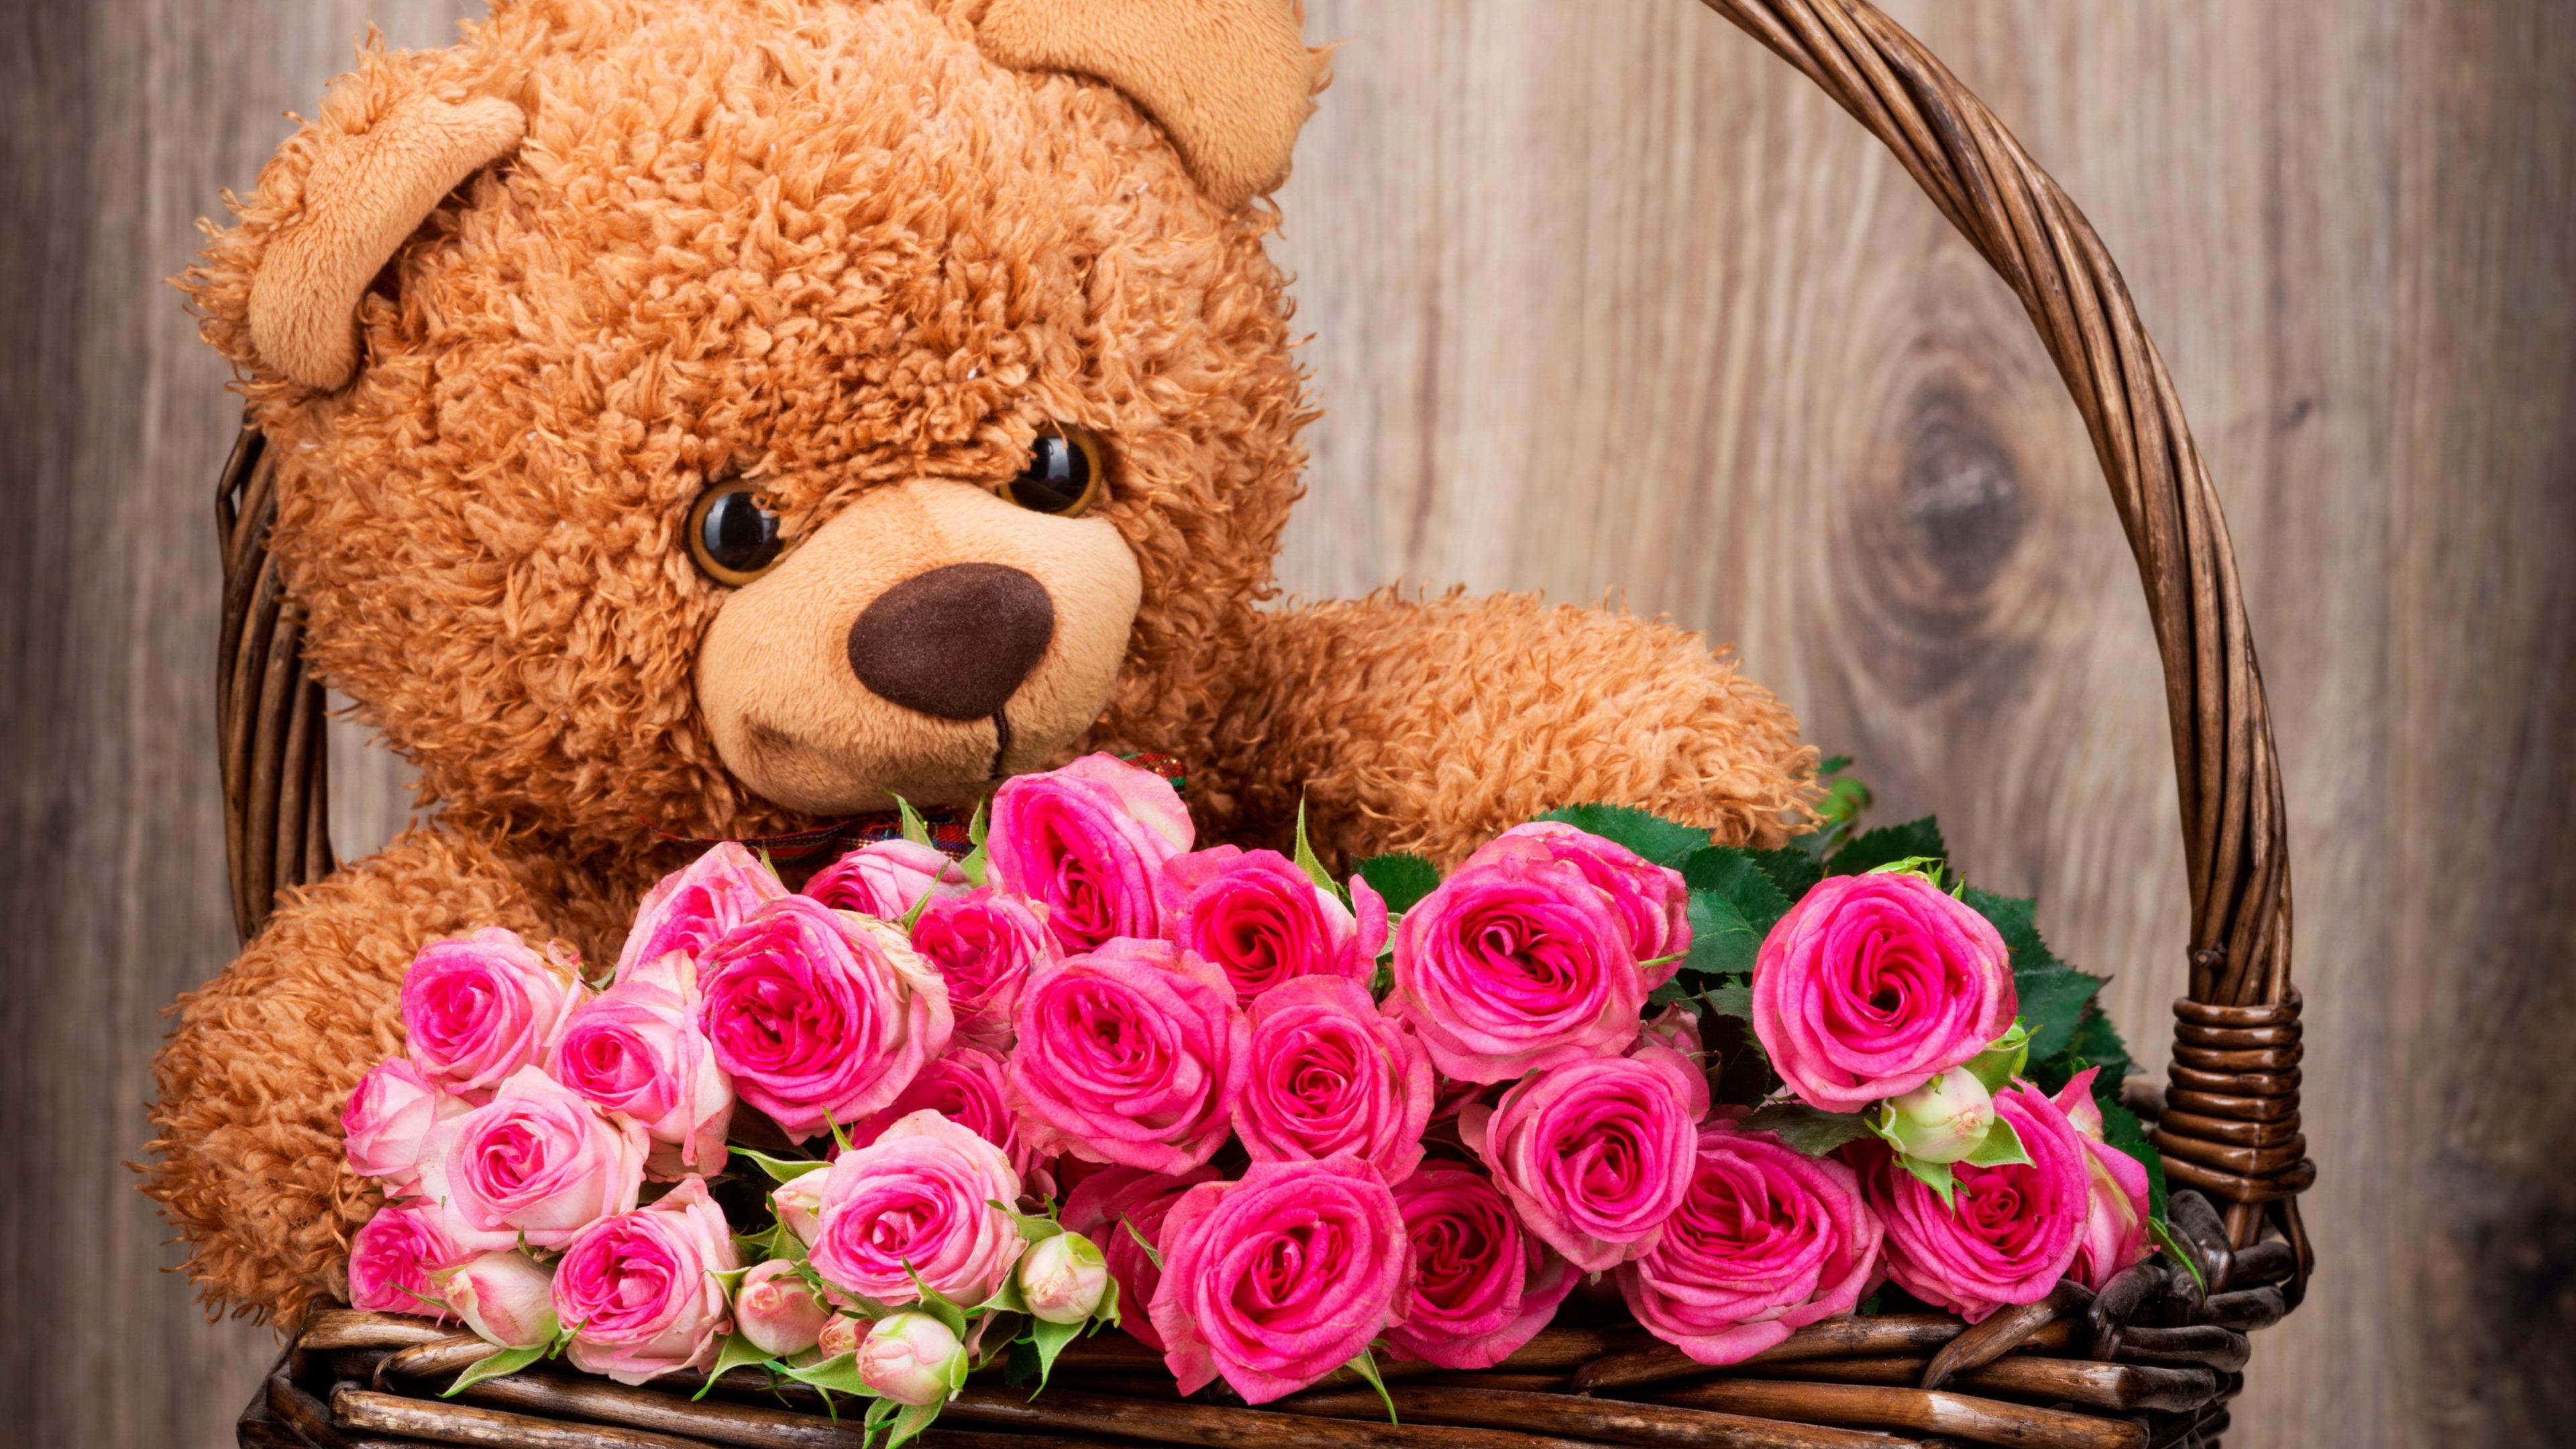 красивые букеты цветов фото на день рождения сестре полукруглом гранитном основании